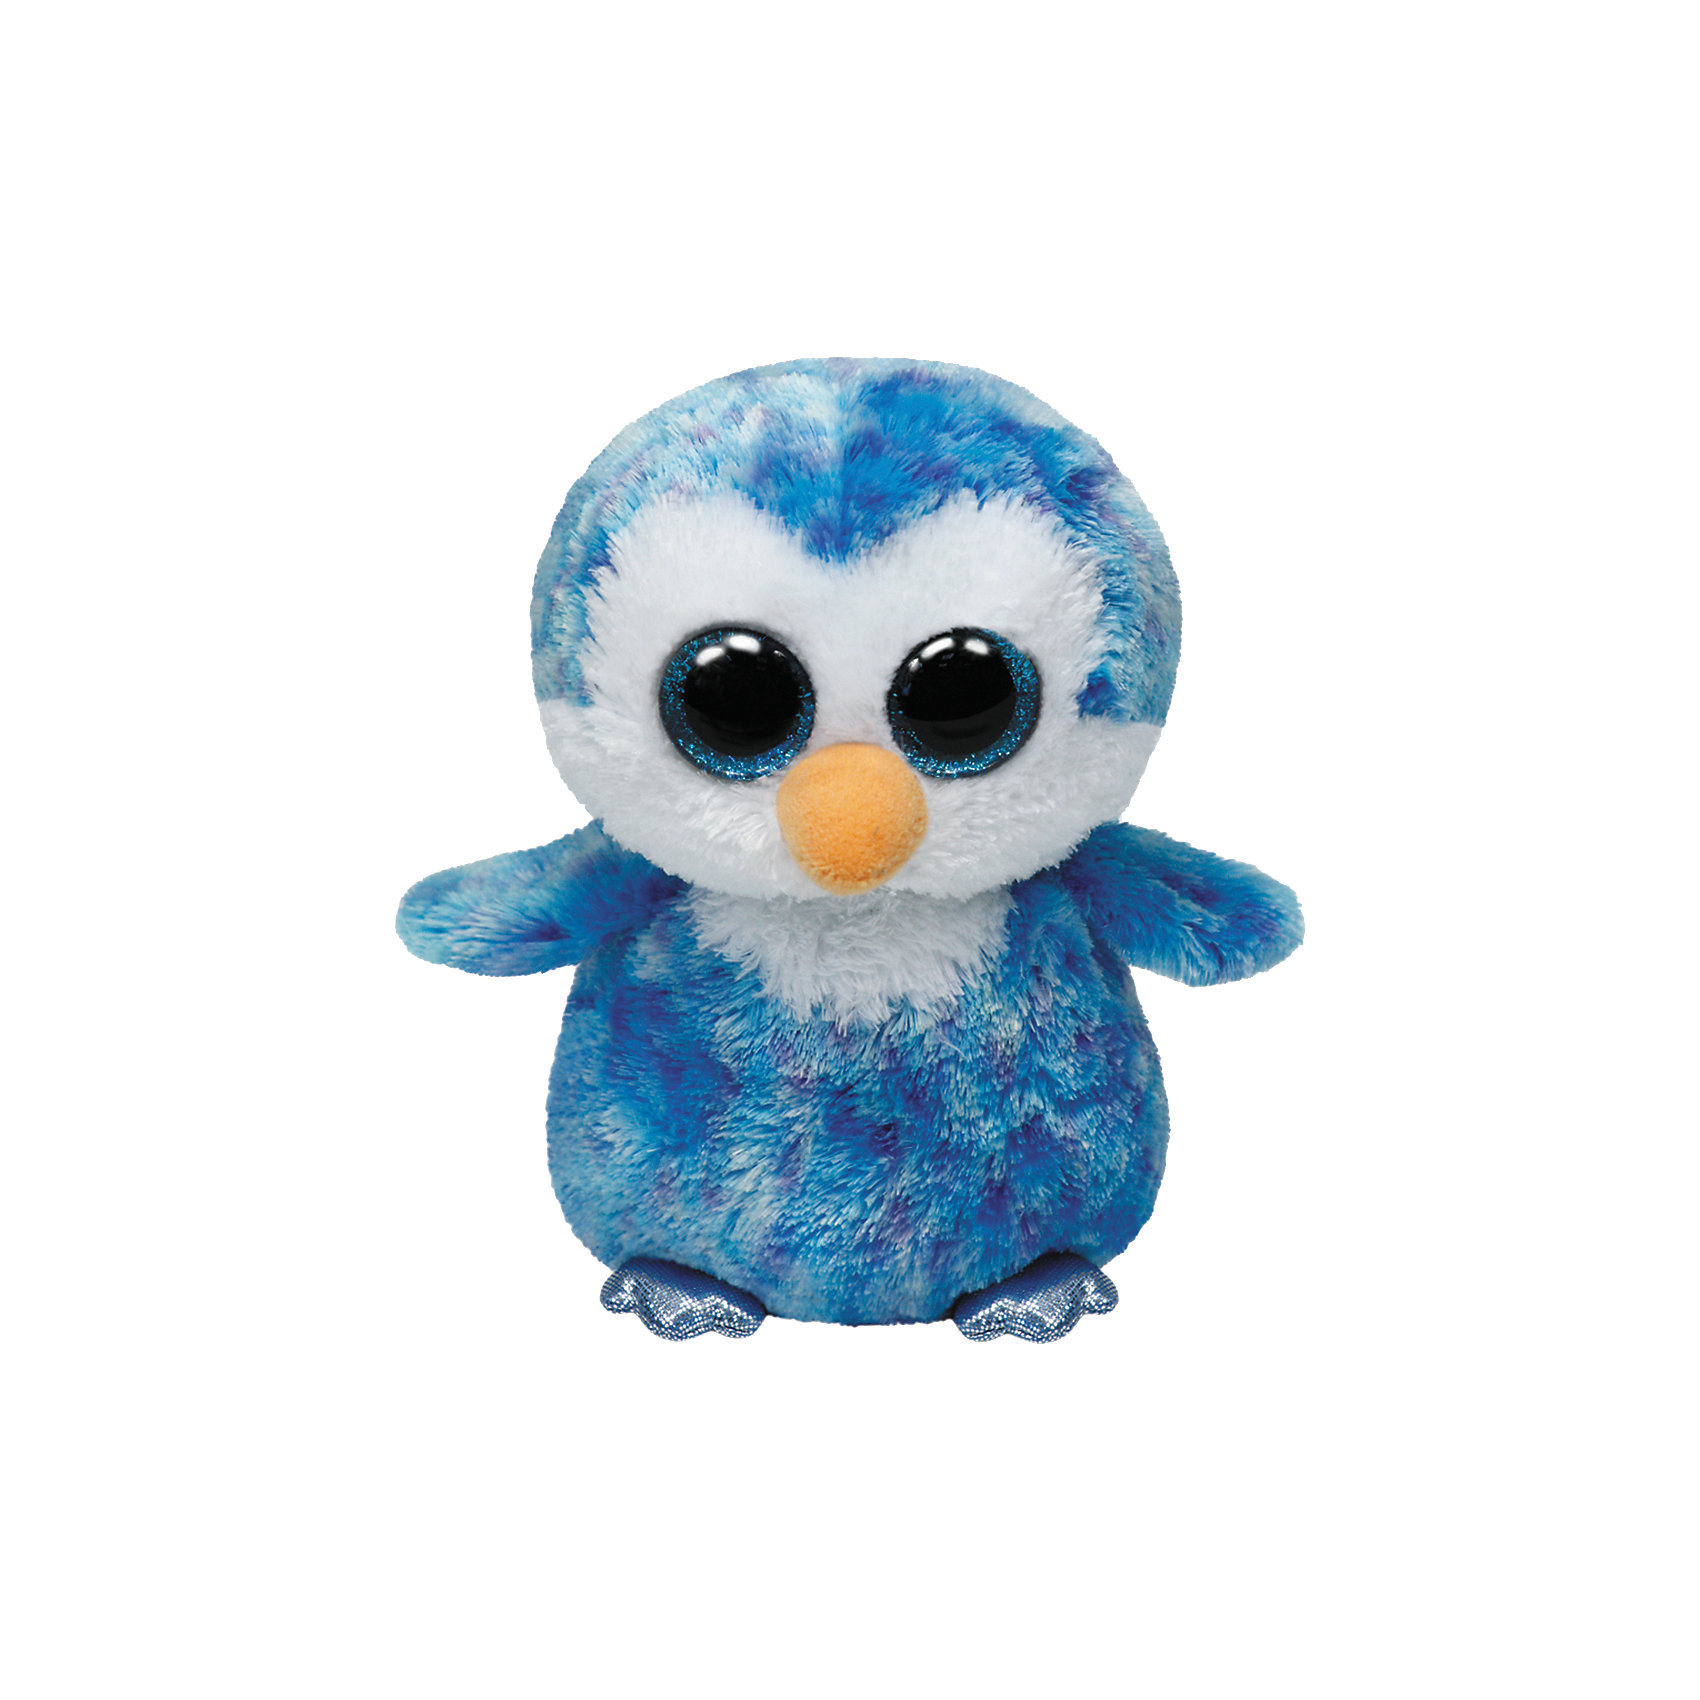 Мягкая игрушка Пингвин Ice Cube, 25 см, Beanie Boos, TyЗвери и птицы<br>Мягкая игрушка Пингвин Ice Cube, 25 см, Beanie Boos, Ty (Тай)<br><br>Характеристики:<br><br>• способствует развитию мелкой моторики<br>• приятный на ощупь<br>• интересный стишок на бирке<br>• высота игрушки: 25 см<br>• не содержит токсичных материалов, опасных для здоровья ребёнка<br>• материал: текстиль, искусственный мех, пластик <br>• наполнитель: синтепон<br>• вес: 300 грамм<br><br>Пингвин Ice Cube придет к вашему малышу из Арктики и подарит много положительных эмоций! На бирке вы найдете интересный стишок на английском языке, рассказывающий о происхождении пингвина. Игрушка очень мягкая и приятная на ощупь - она, несомненно, станет лучшим другом для ребенка. Не содержит опасных для ребенка материалов. Игра способствует развитию речи, мелкой моторики и тактильных навыков.<br><br>Мягкую игрушку Пингвин Ice Cube, 25 см, Beanie Boos, Ty (Тай) вы можете купить в нашем интернет-магазине.<br><br>Ширина мм: 214<br>Глубина мм: 121<br>Высота мм: 119<br>Вес г: 64<br>Возраст от месяцев: 12<br>Возраст до месяцев: 60<br>Пол: Унисекс<br>Возраст: Детский<br>SKU: 4023880